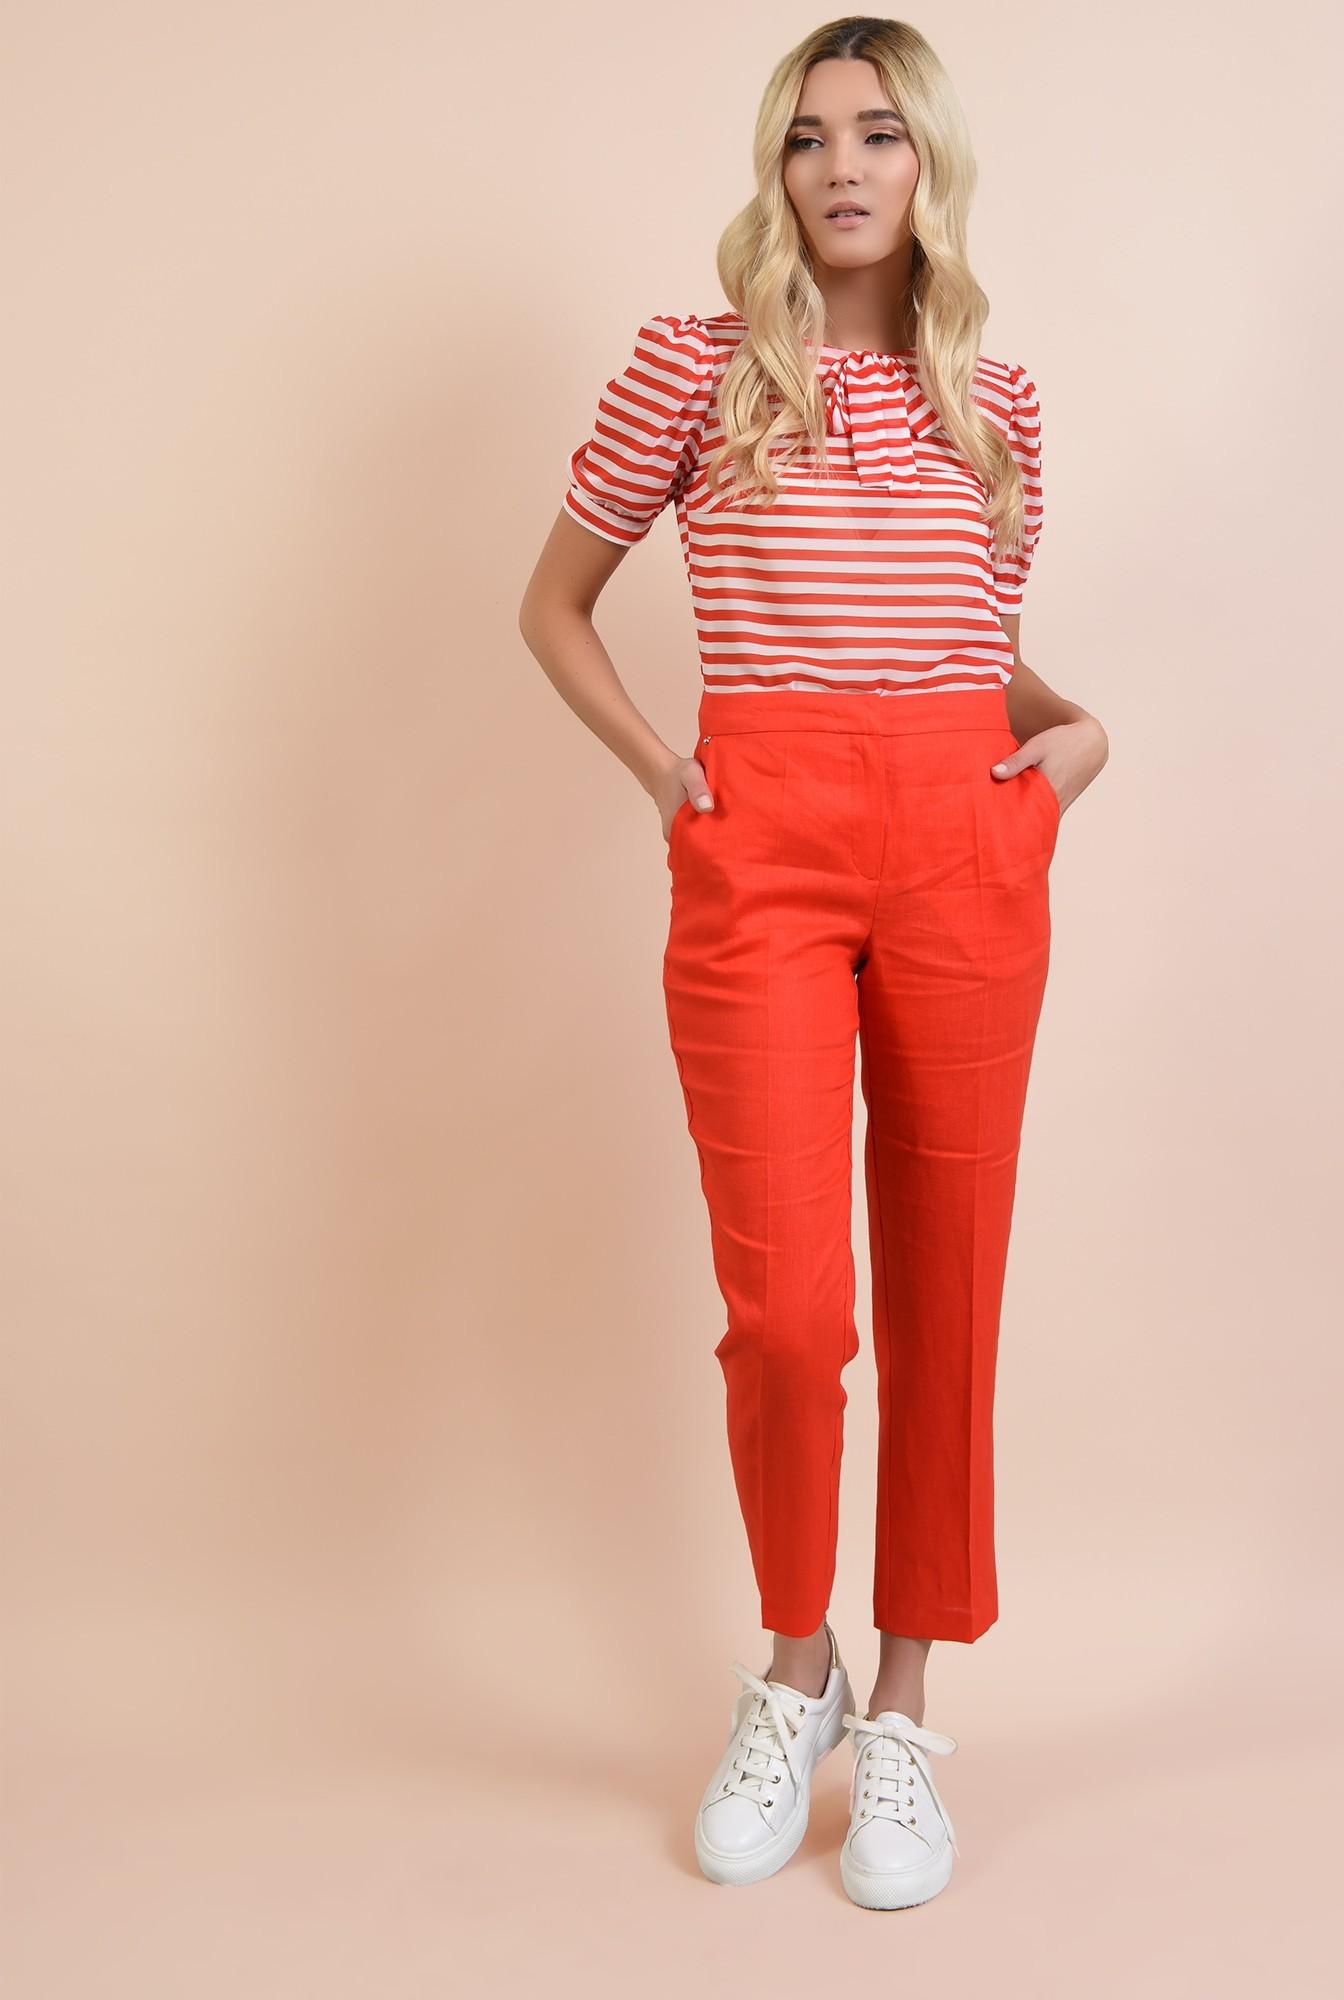 3 - bluza cu dungi, casual, alb, rosu, funda la gat, maneci scurte bufante